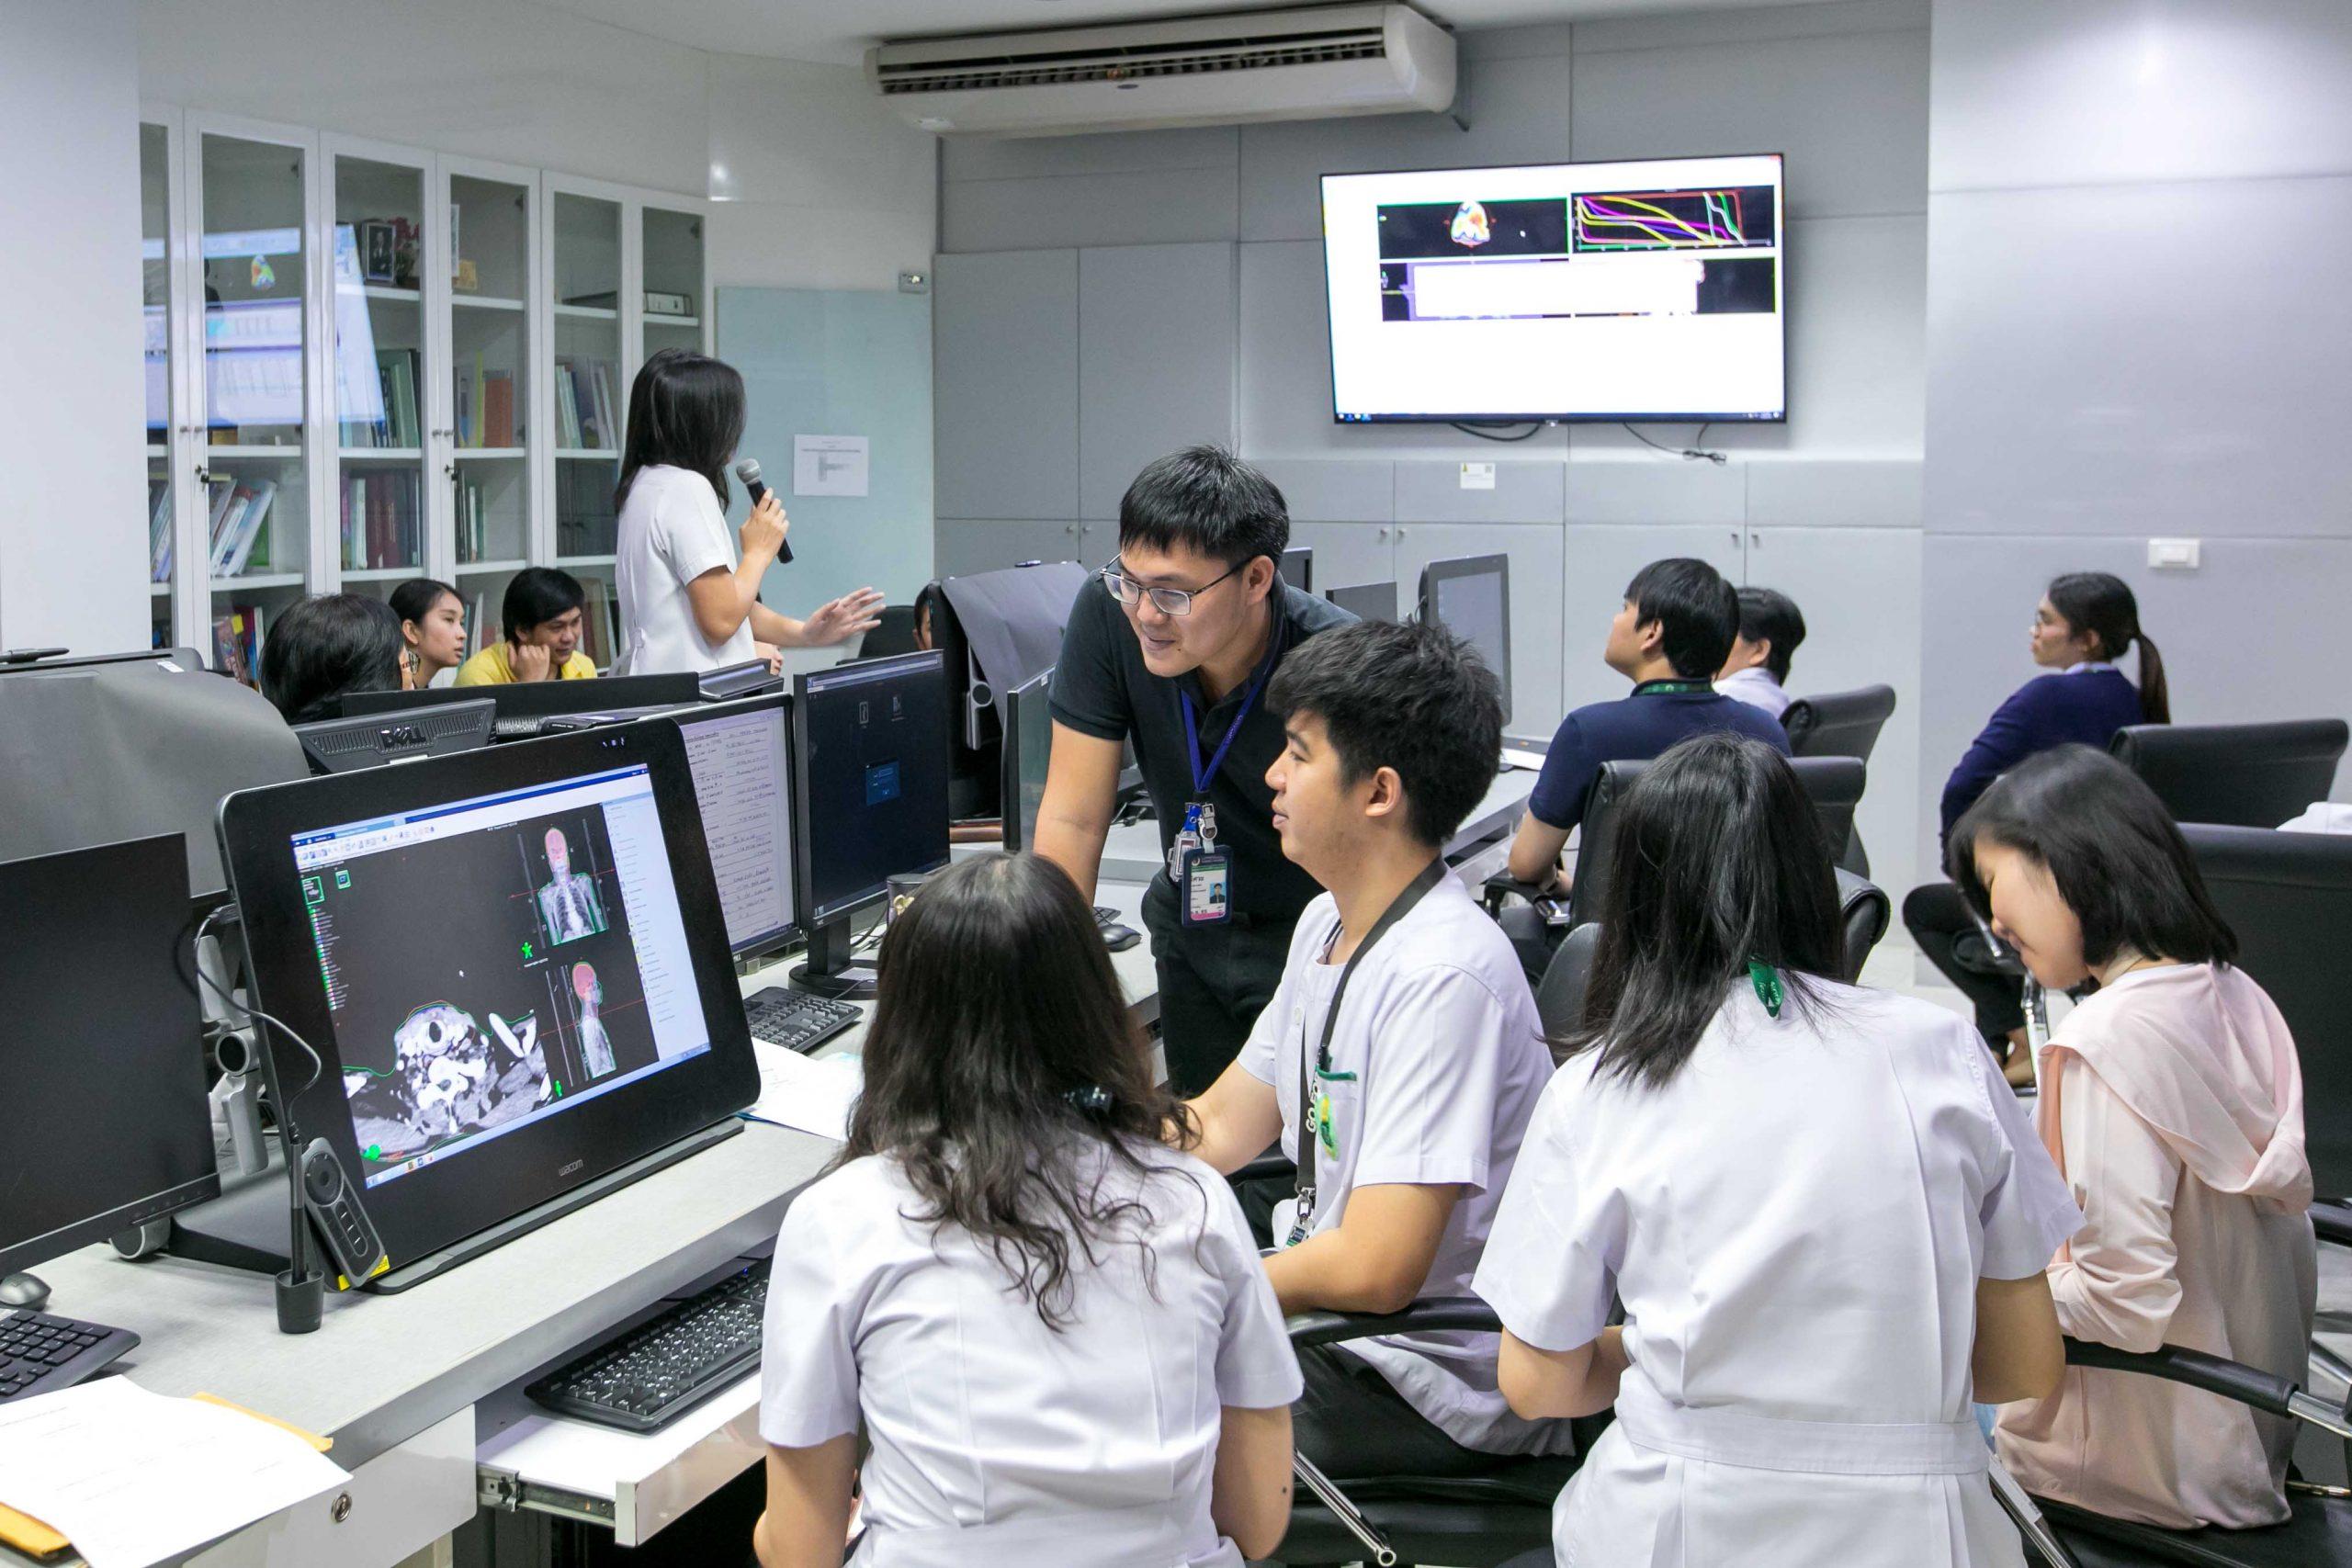 2562-07-23_ถ่ายภาพเครื่องมือและห้องปฏิบัติการเพื่อจัดทำ website photo by Photographer Team